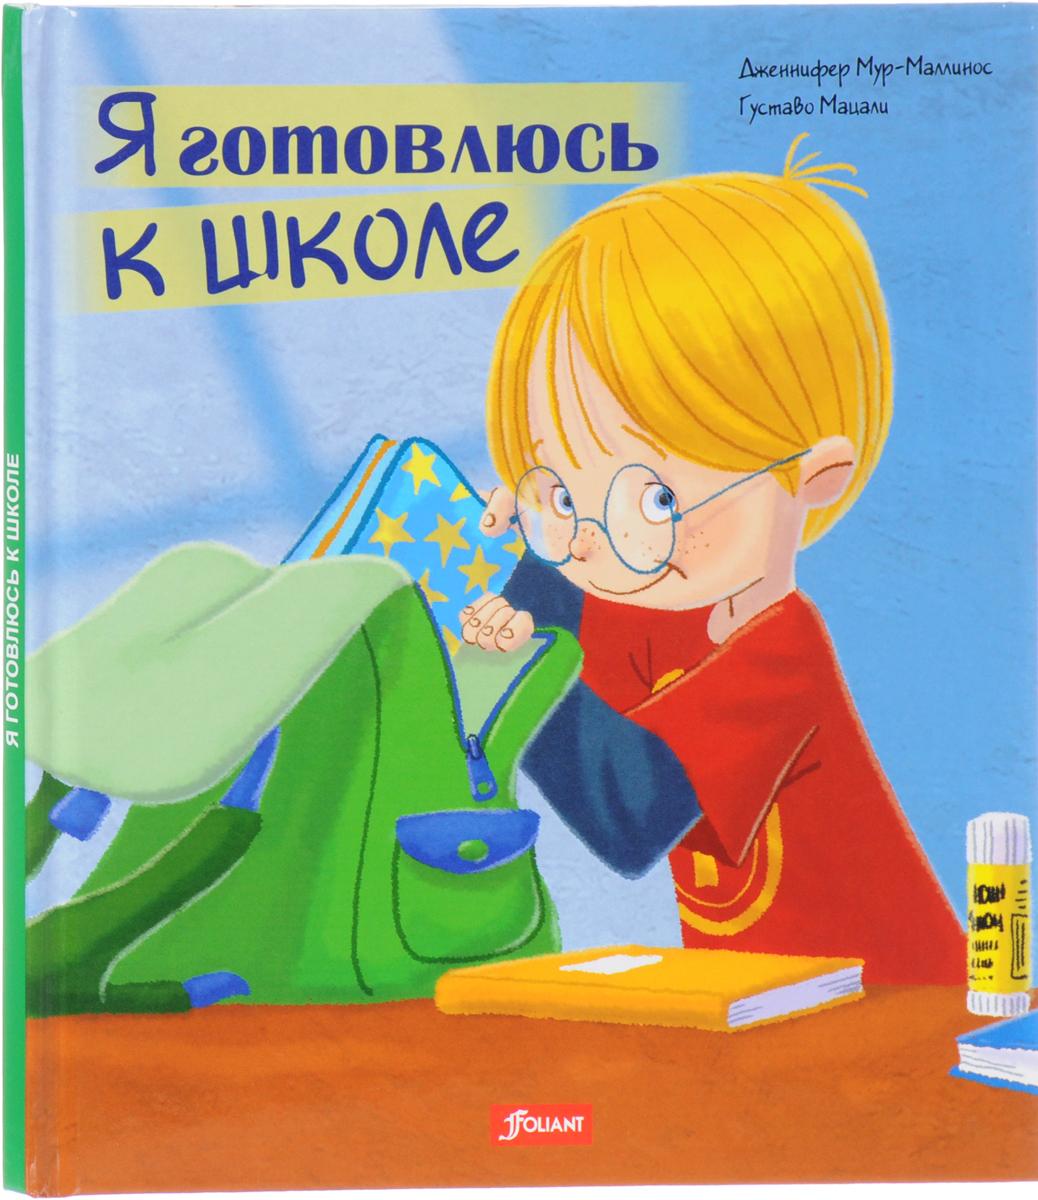 Дженифер Мур-Маллинос Я готовлюсь к школе